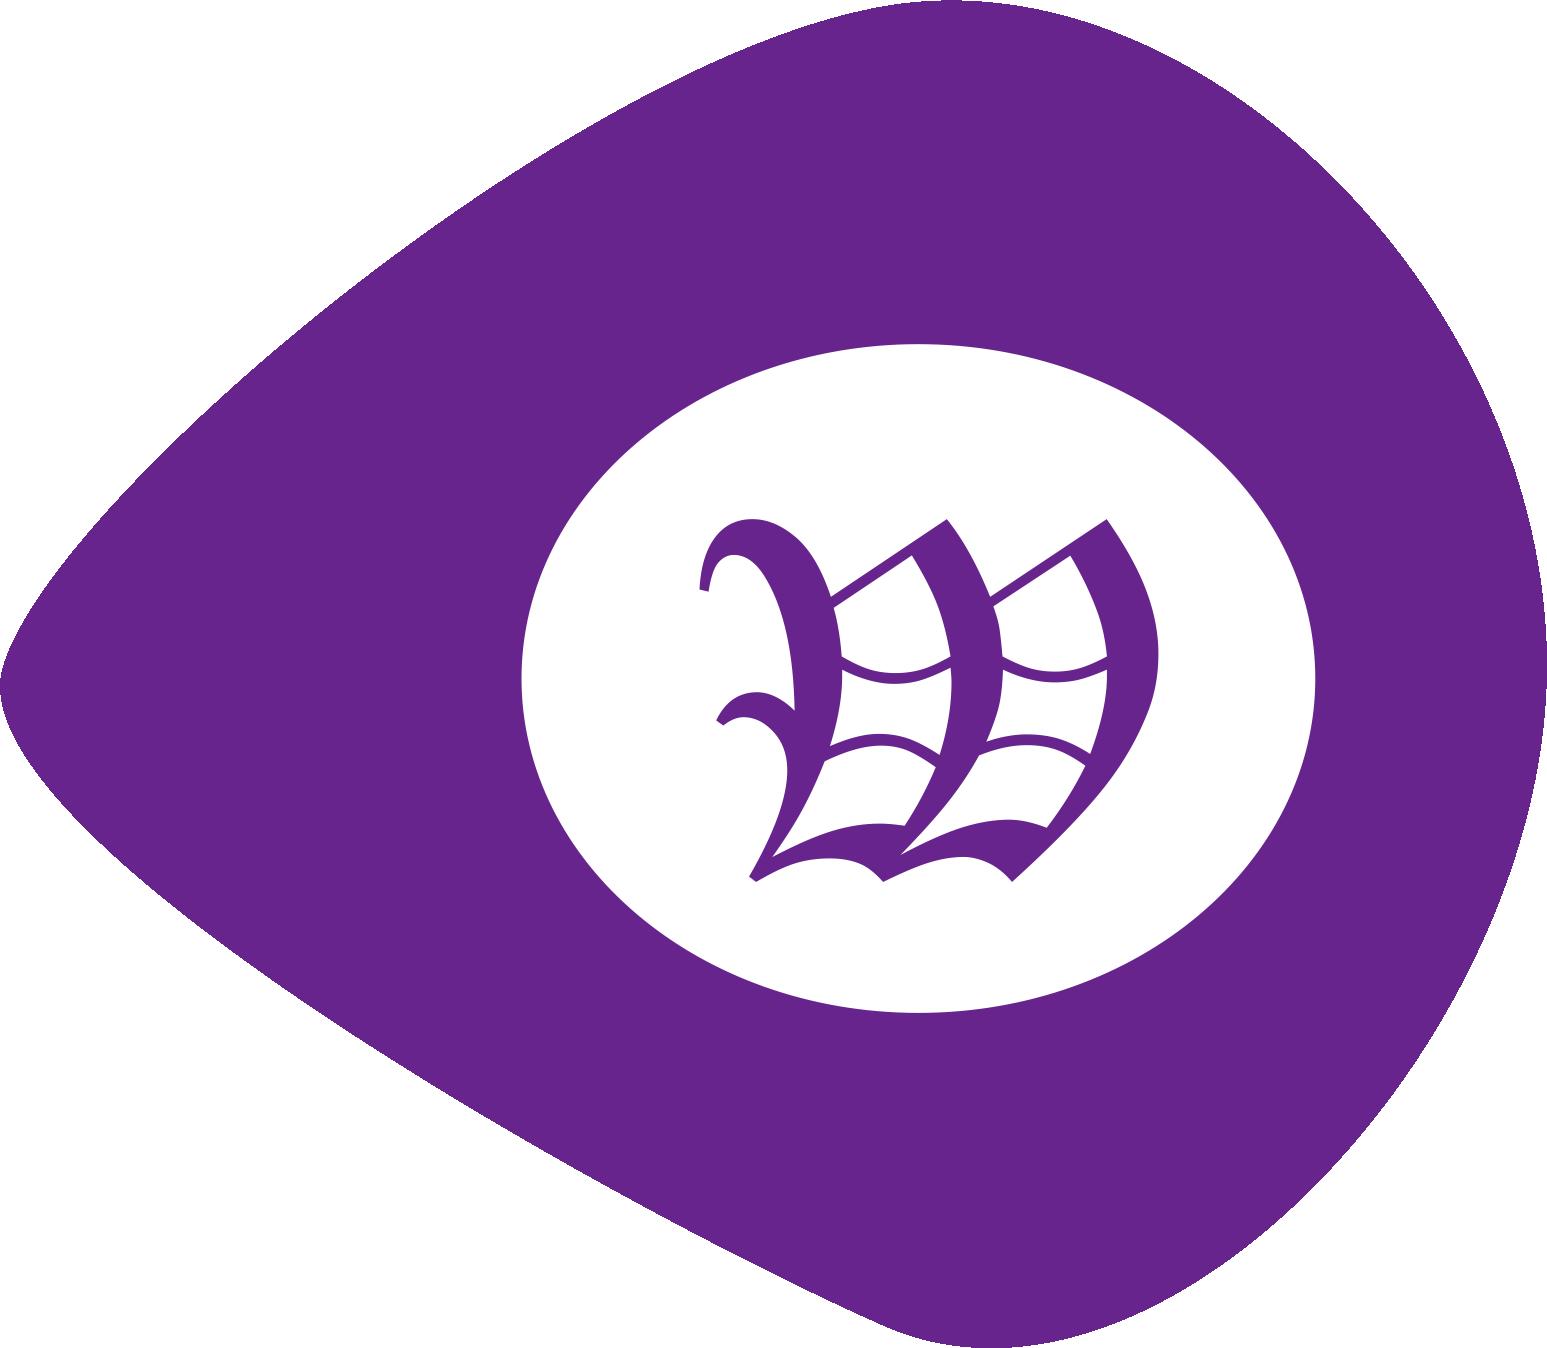 logo visit 39